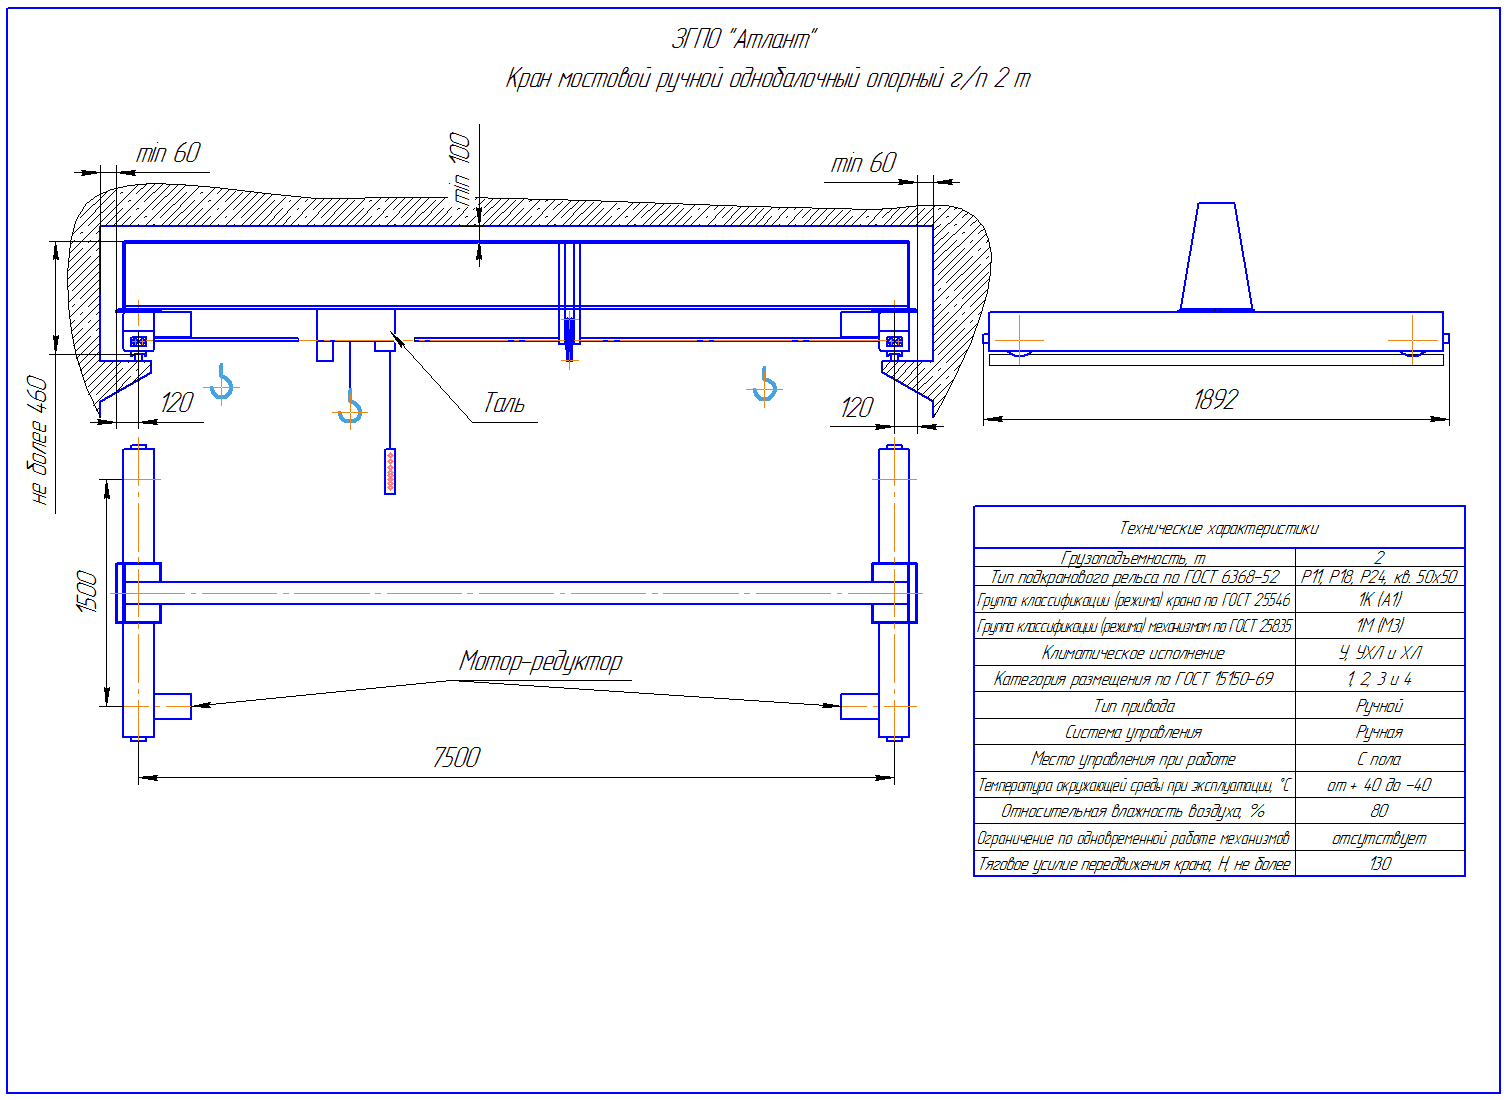 KRMOO 2 75 - Кран ручной мостовой опорный однобалочный